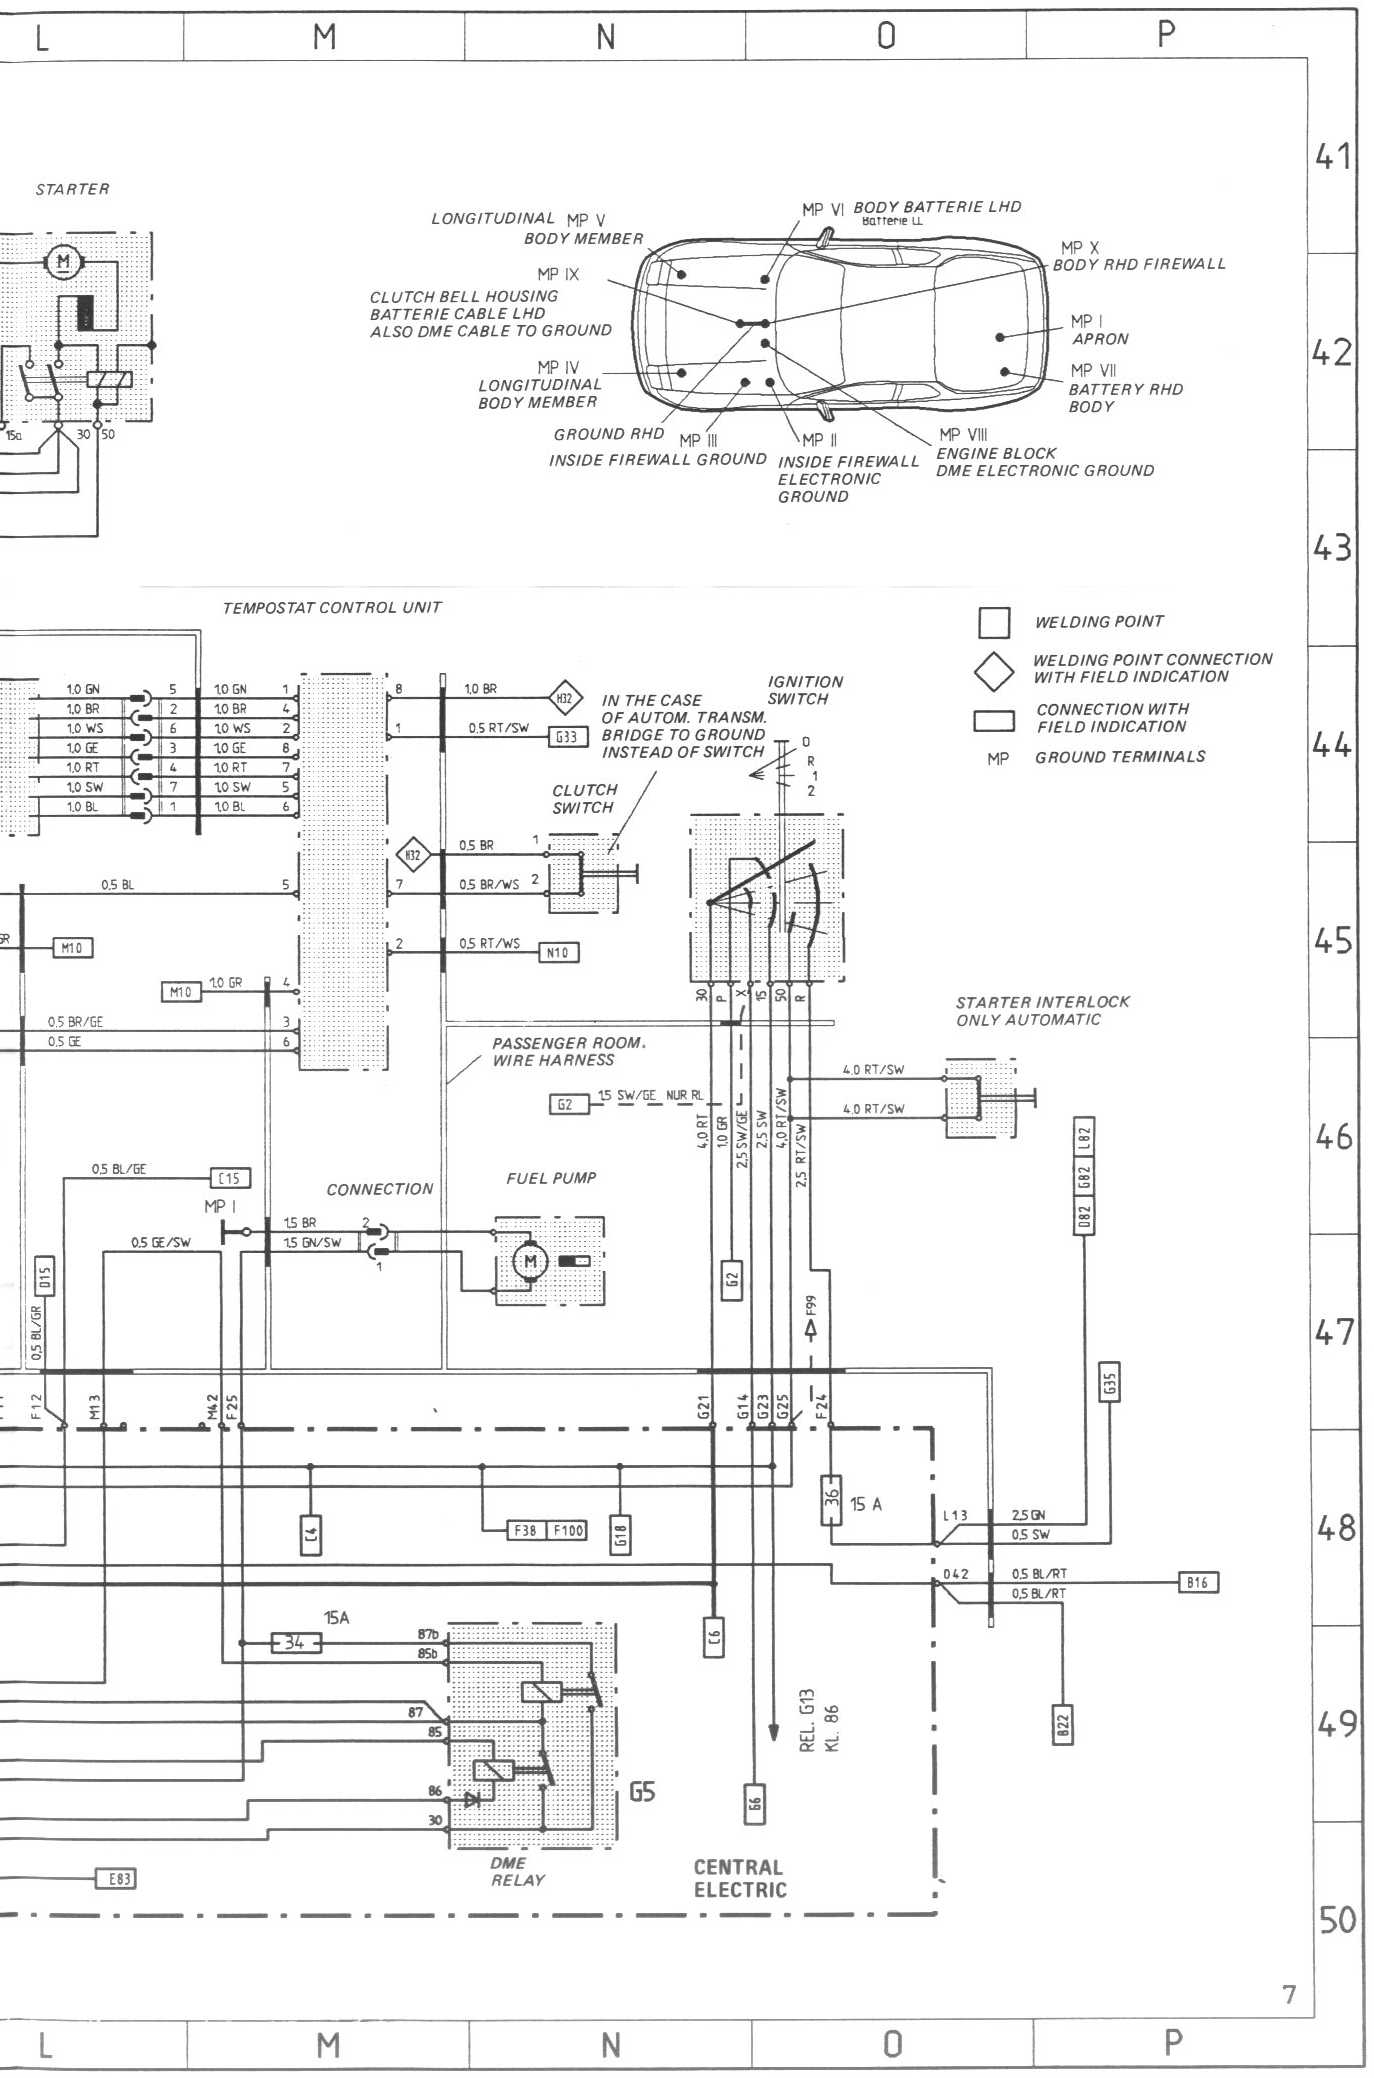 clifford alarm wiring diagram clifford wiring diagrams online clifford alarm wiring diagrams arrow 5 clifford auto wiring